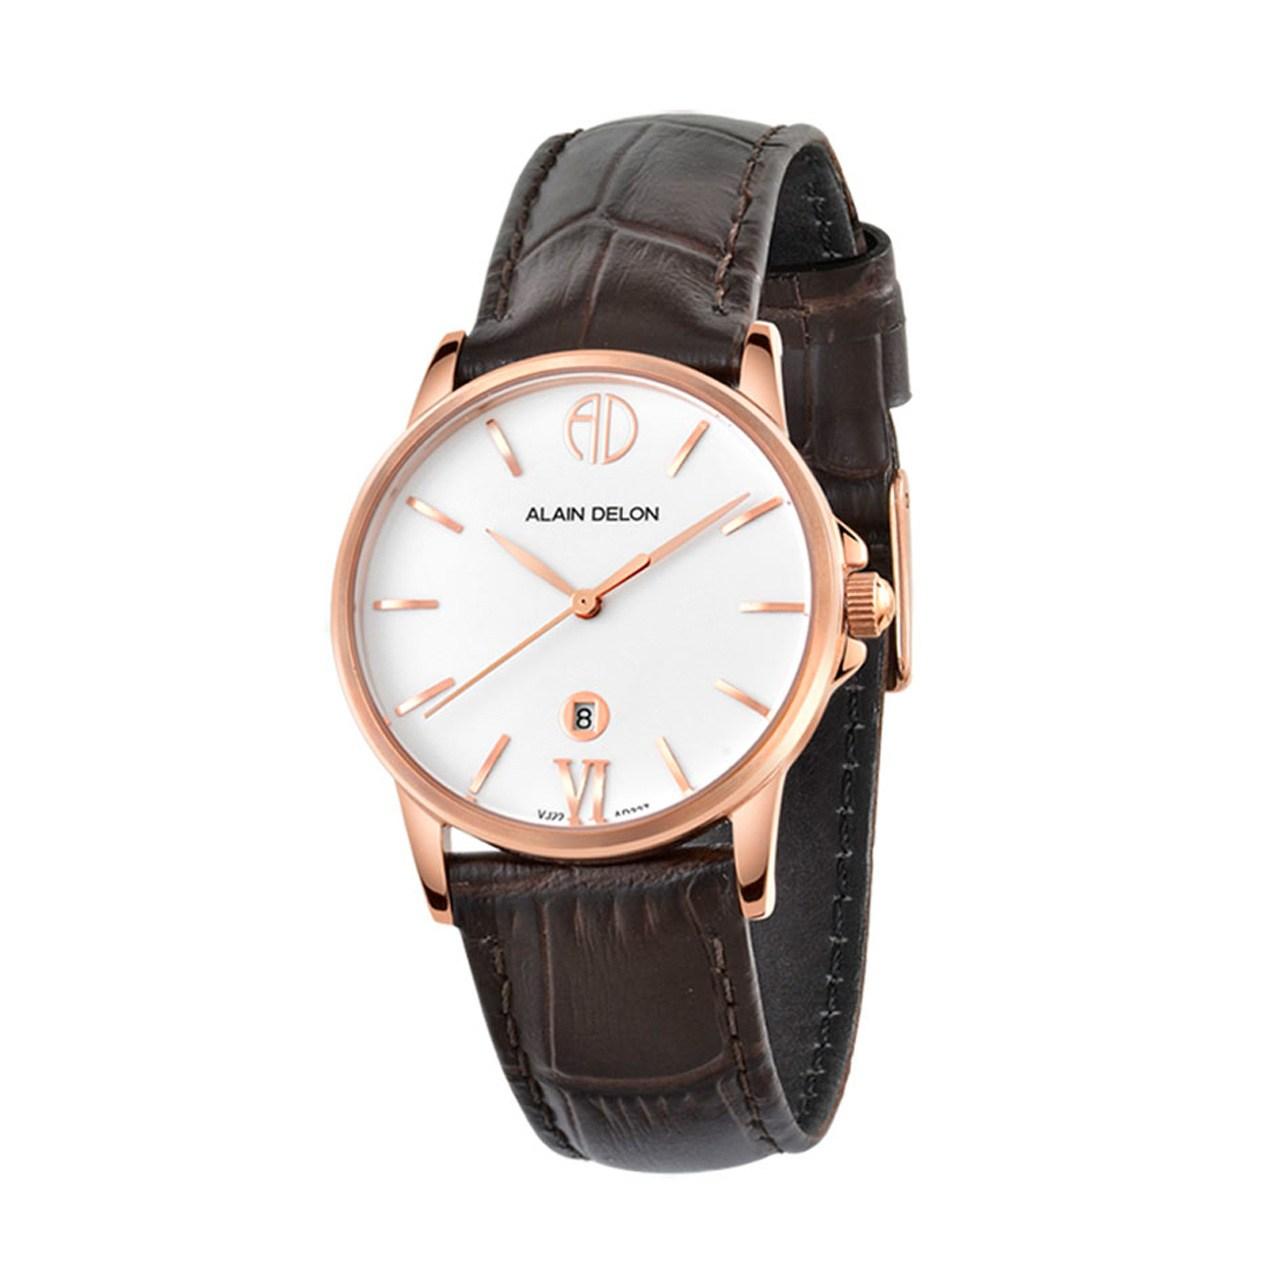 خرید ساعت مچی عقربه ای زنانه آلن دلون مدل AD327-2519